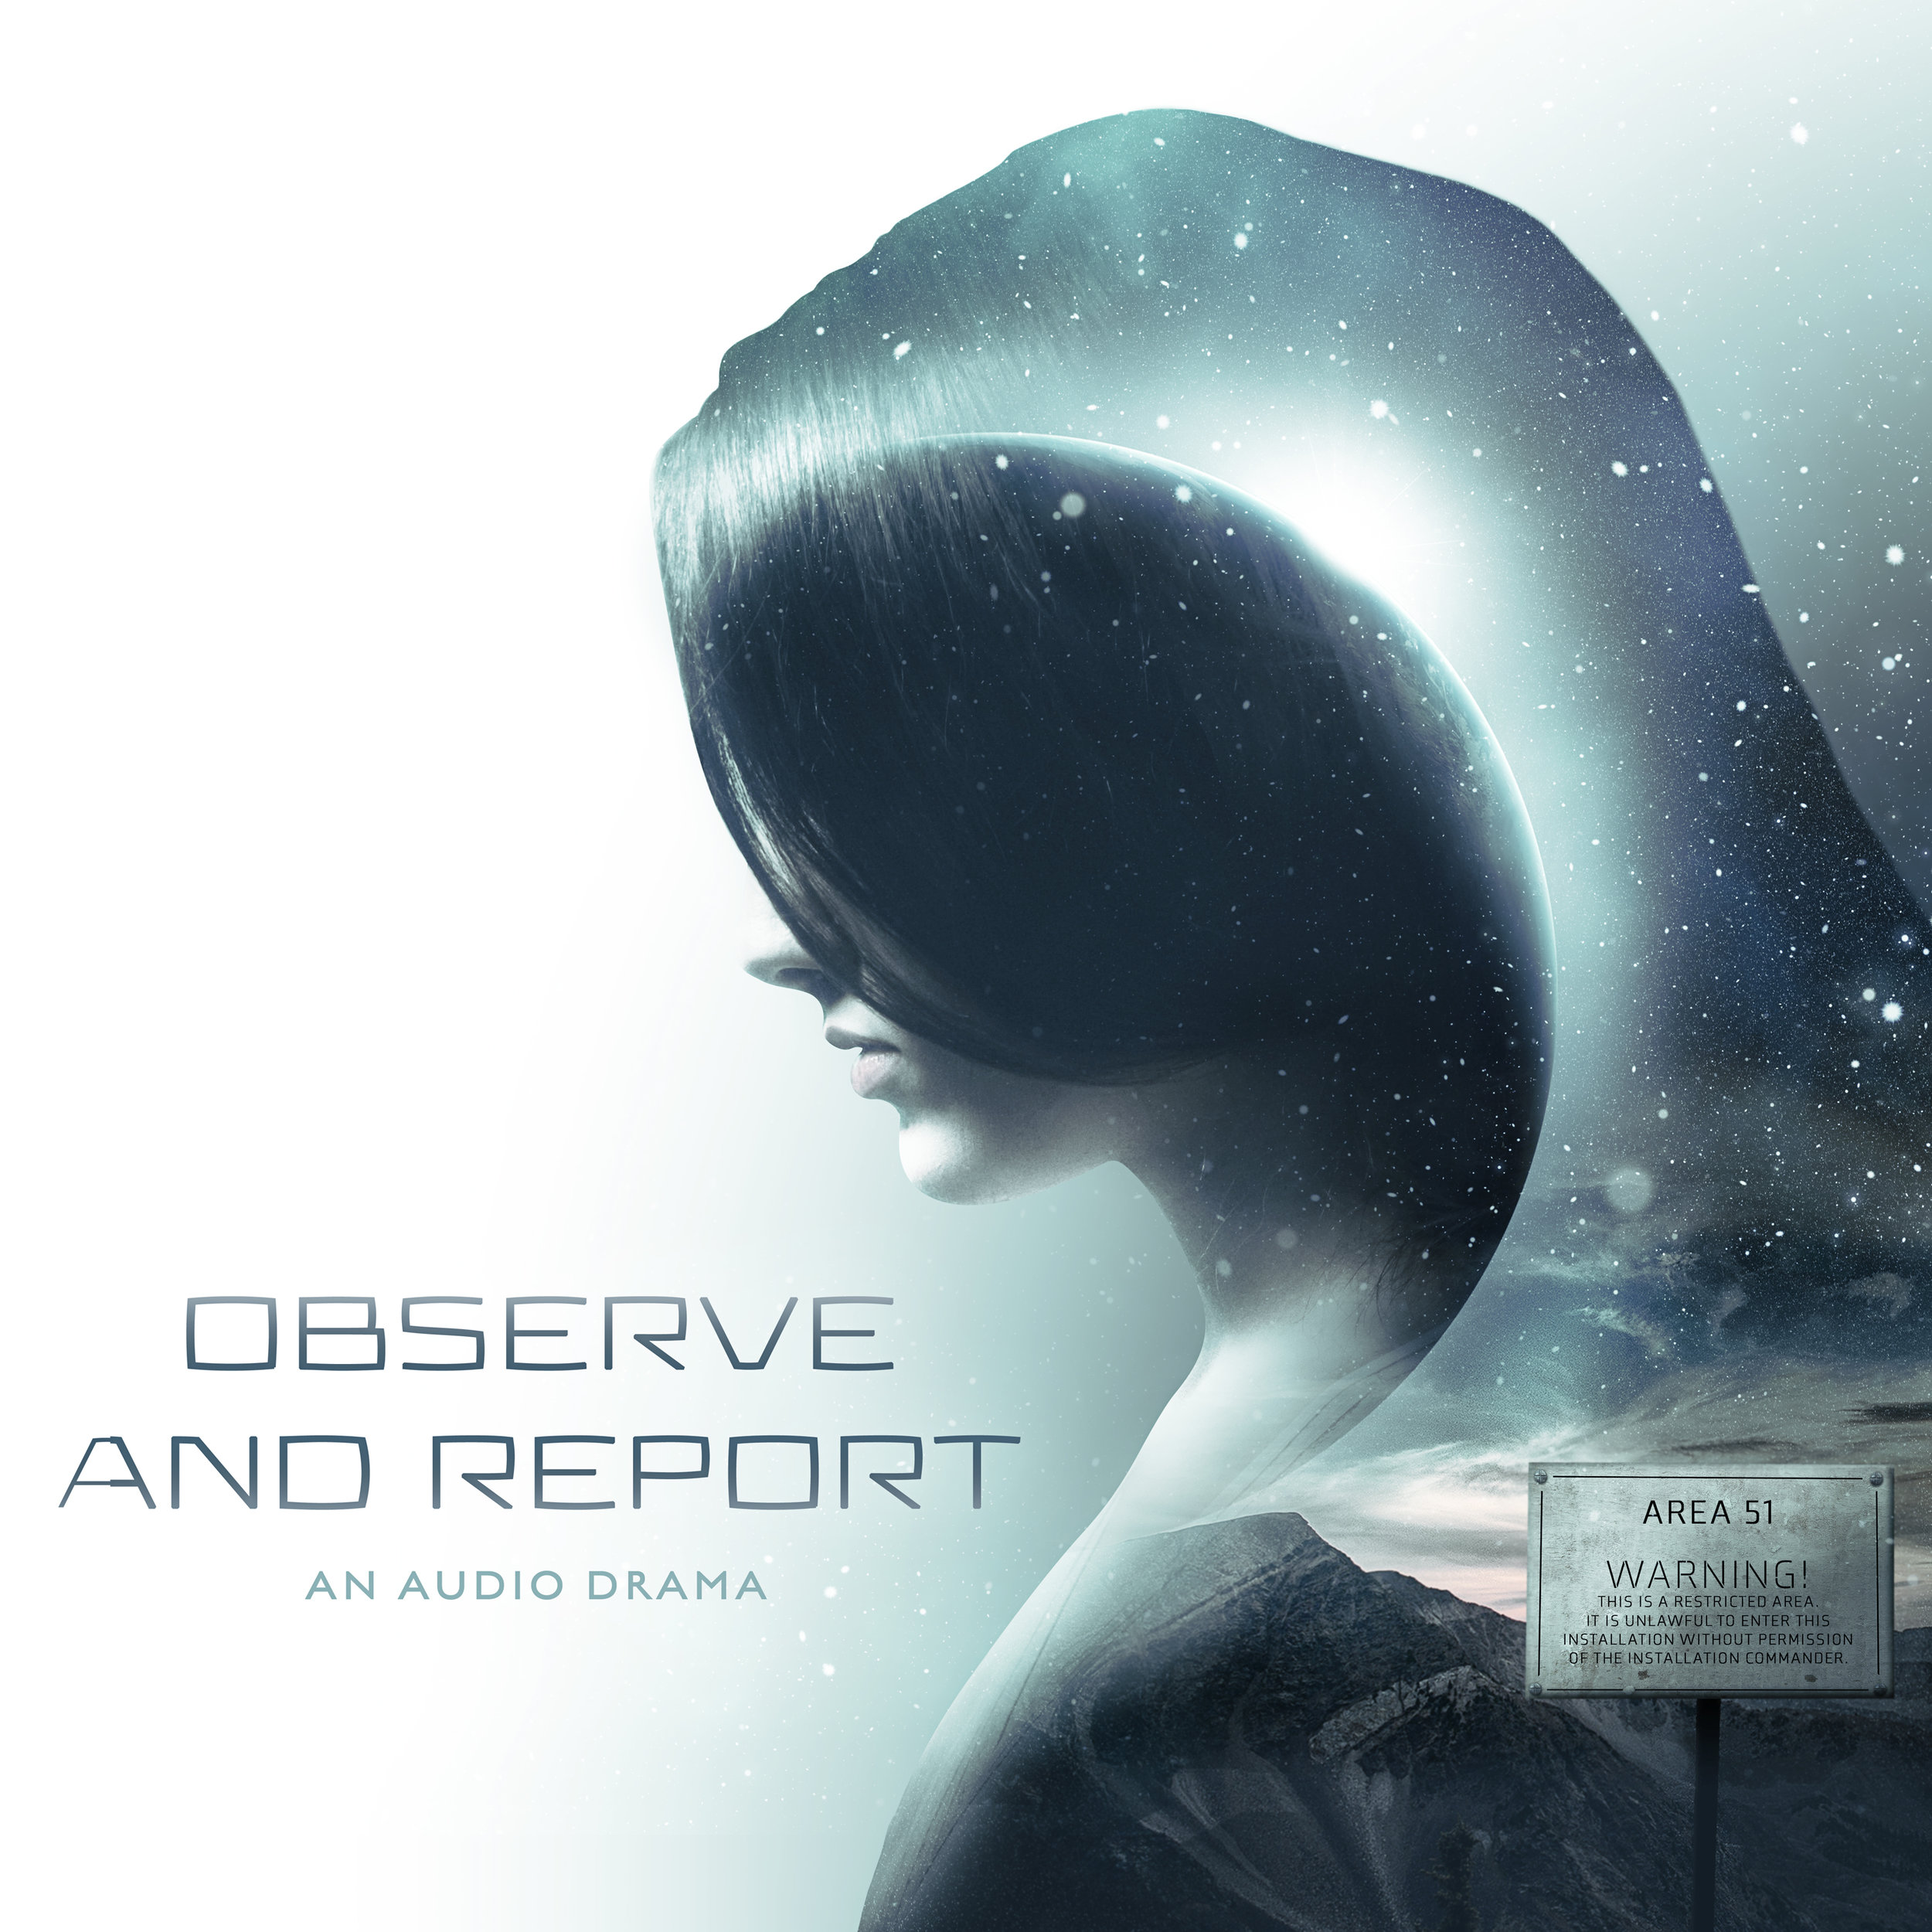 ObserveAndReport_3000x3000px_300dpiRGB.jpg